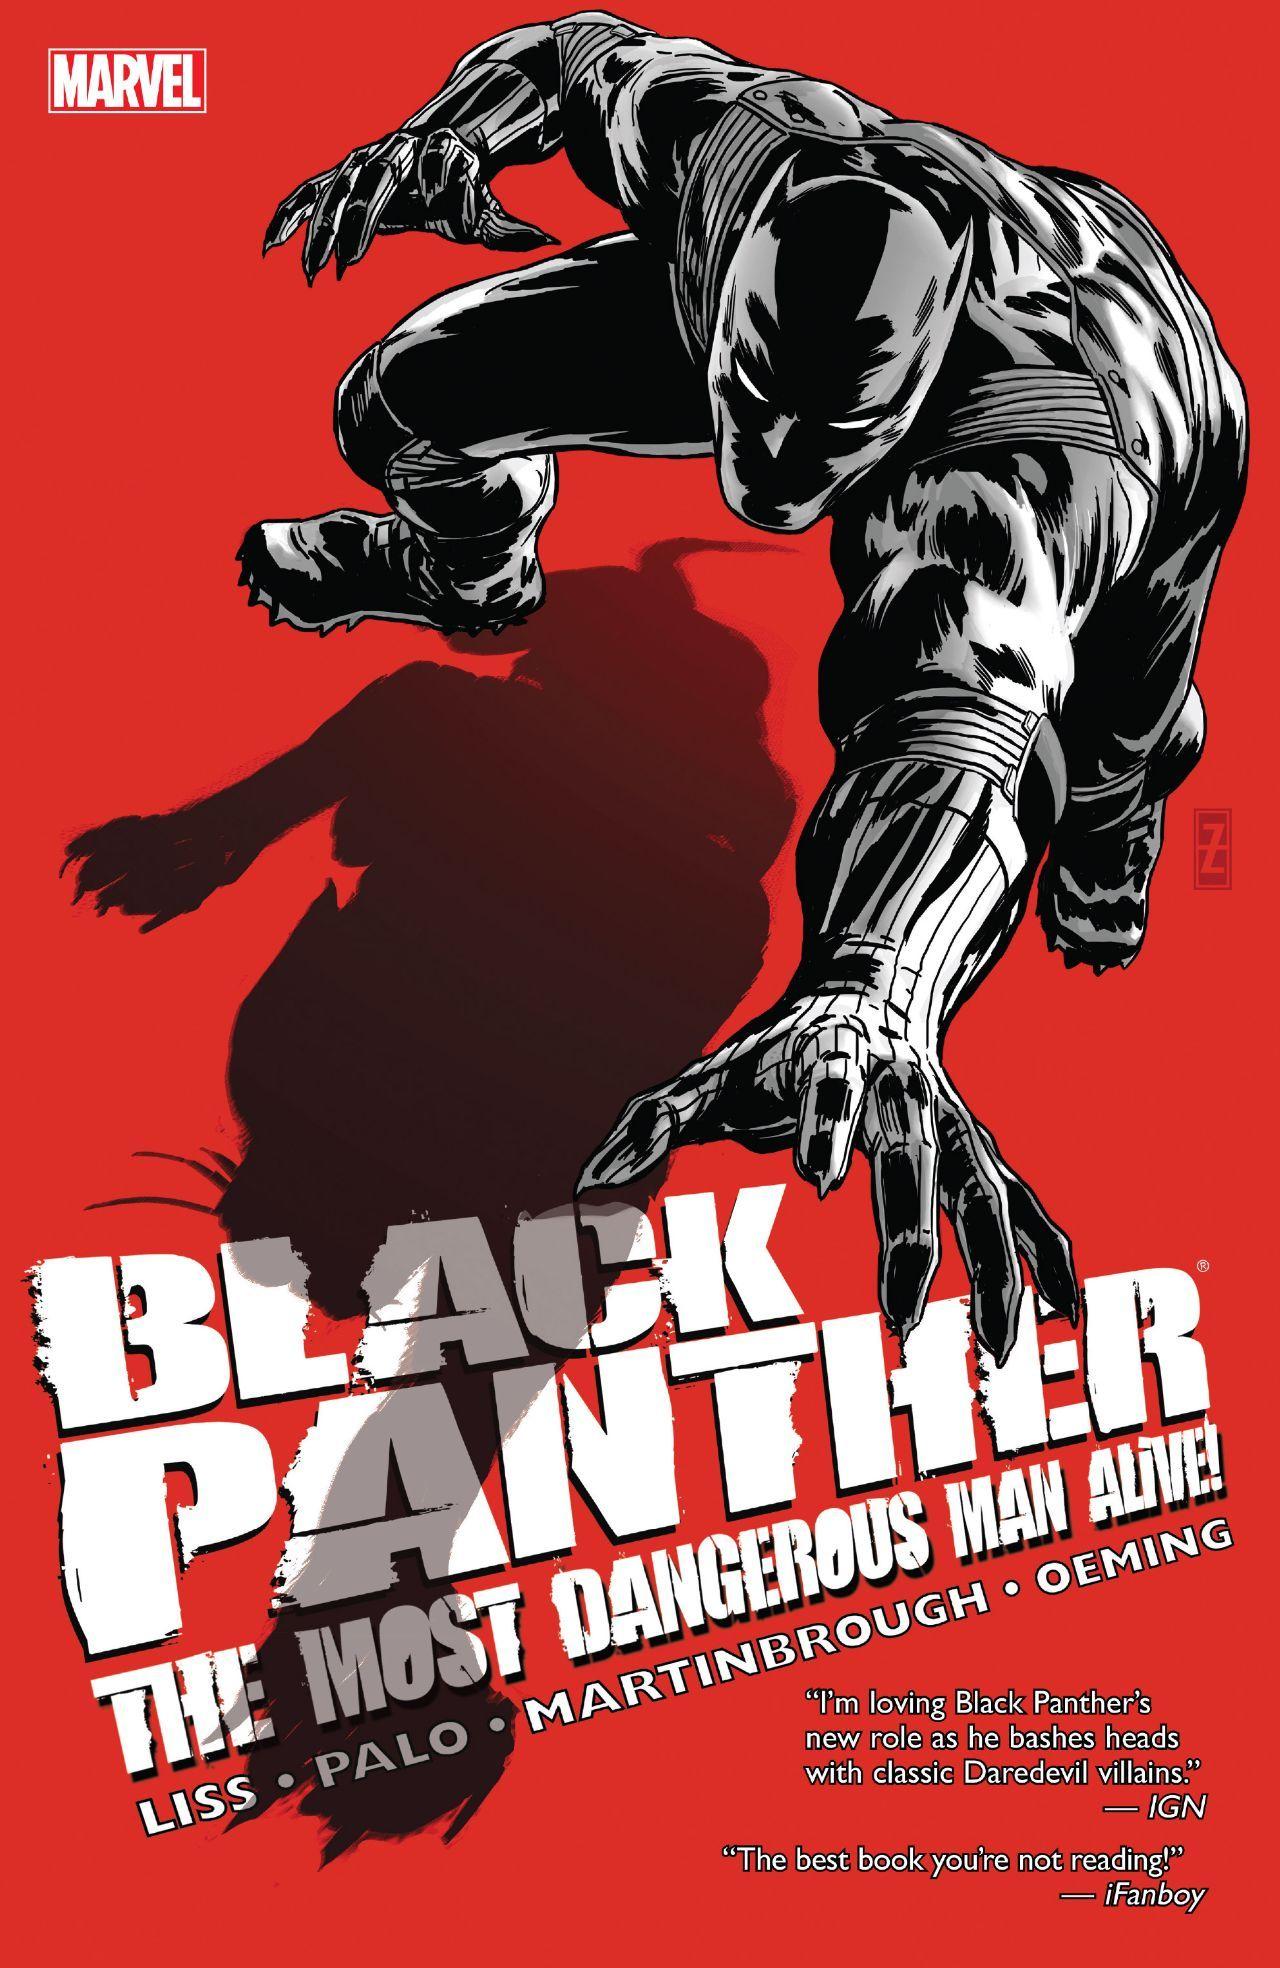 Black Panther The Most Dangerous Man Alive The Kingpin Of Wakanda Pantera Negra Marvel Comics Pantera